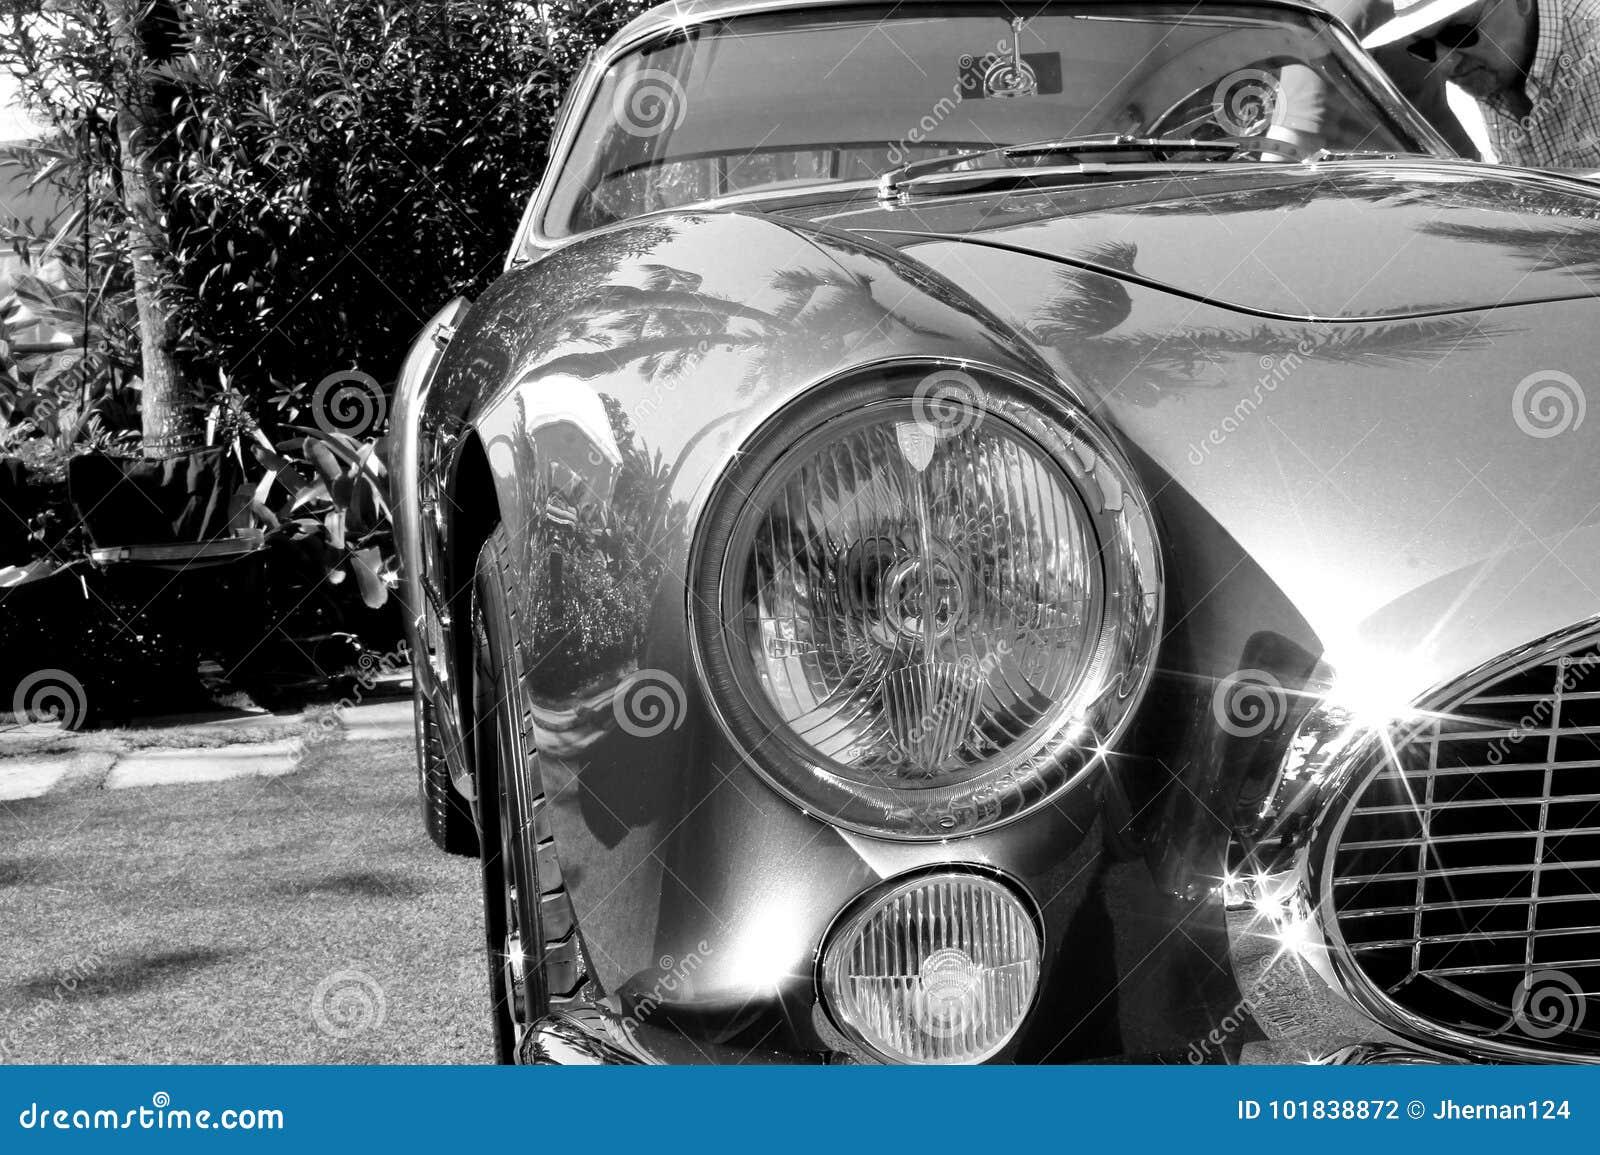 1950s Ferrari 250 TdF front details